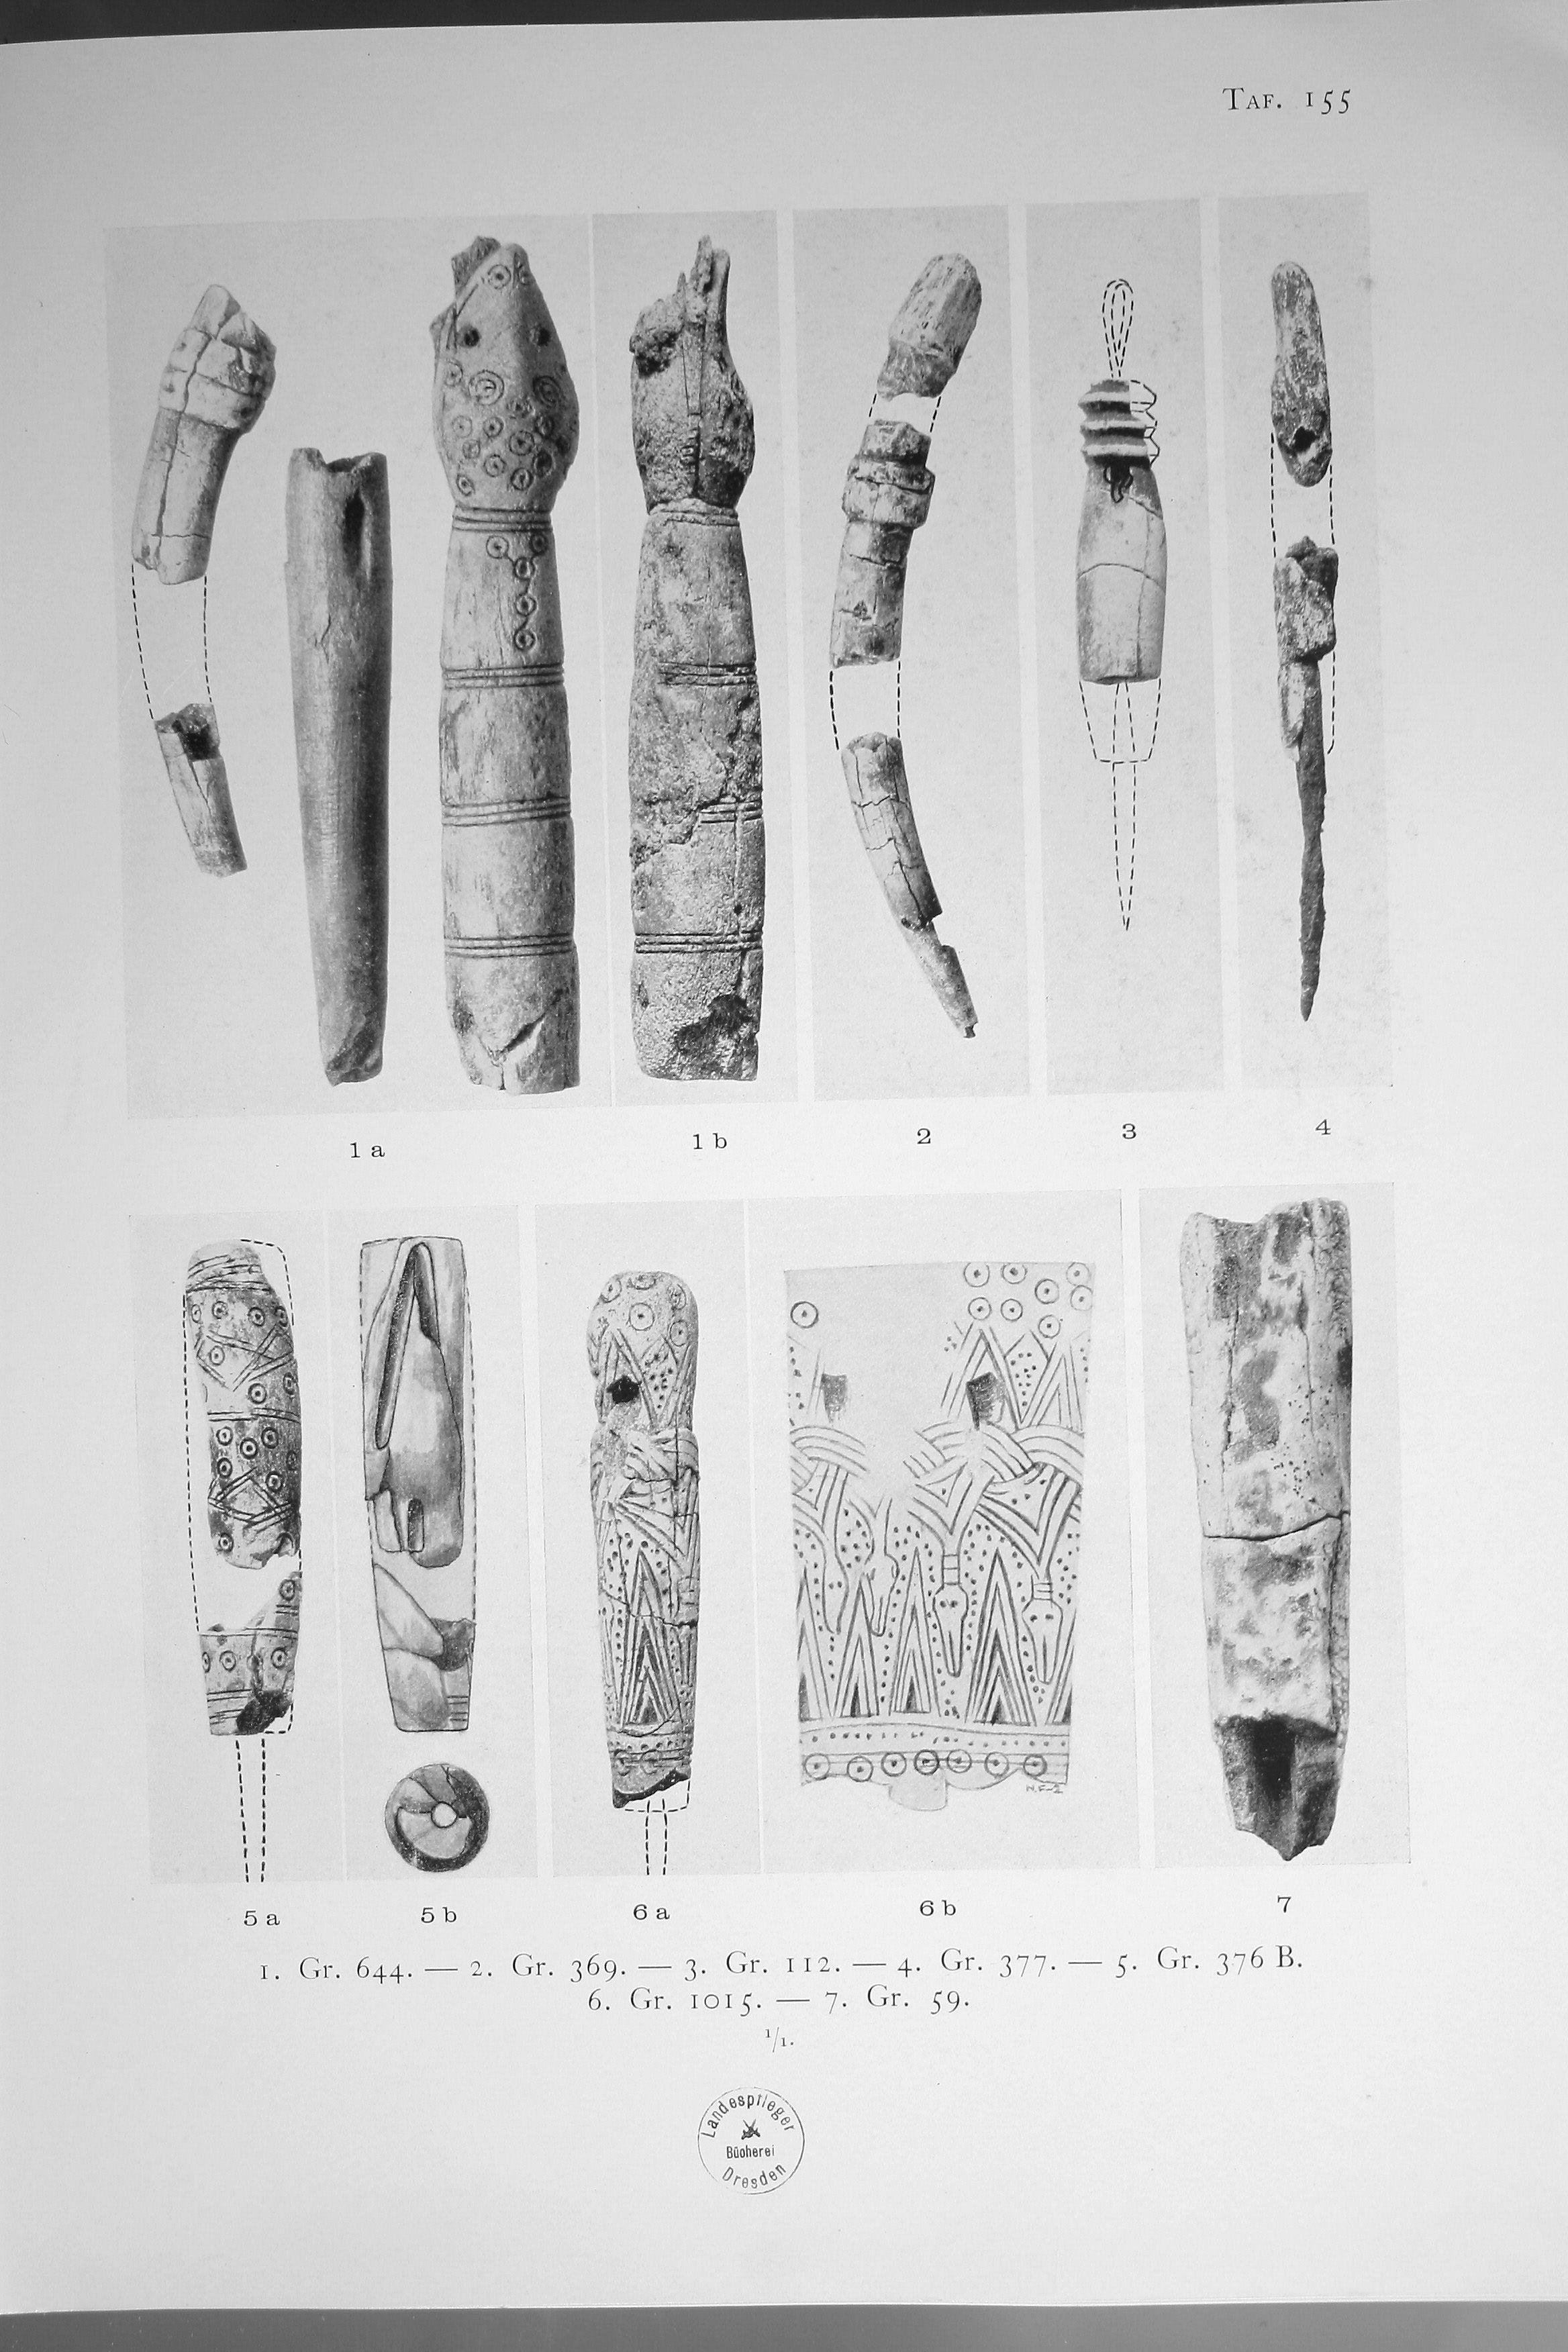 Parohové rukojeti šídel z Birky. Převzato z Arbman 1940: Taf. 155.